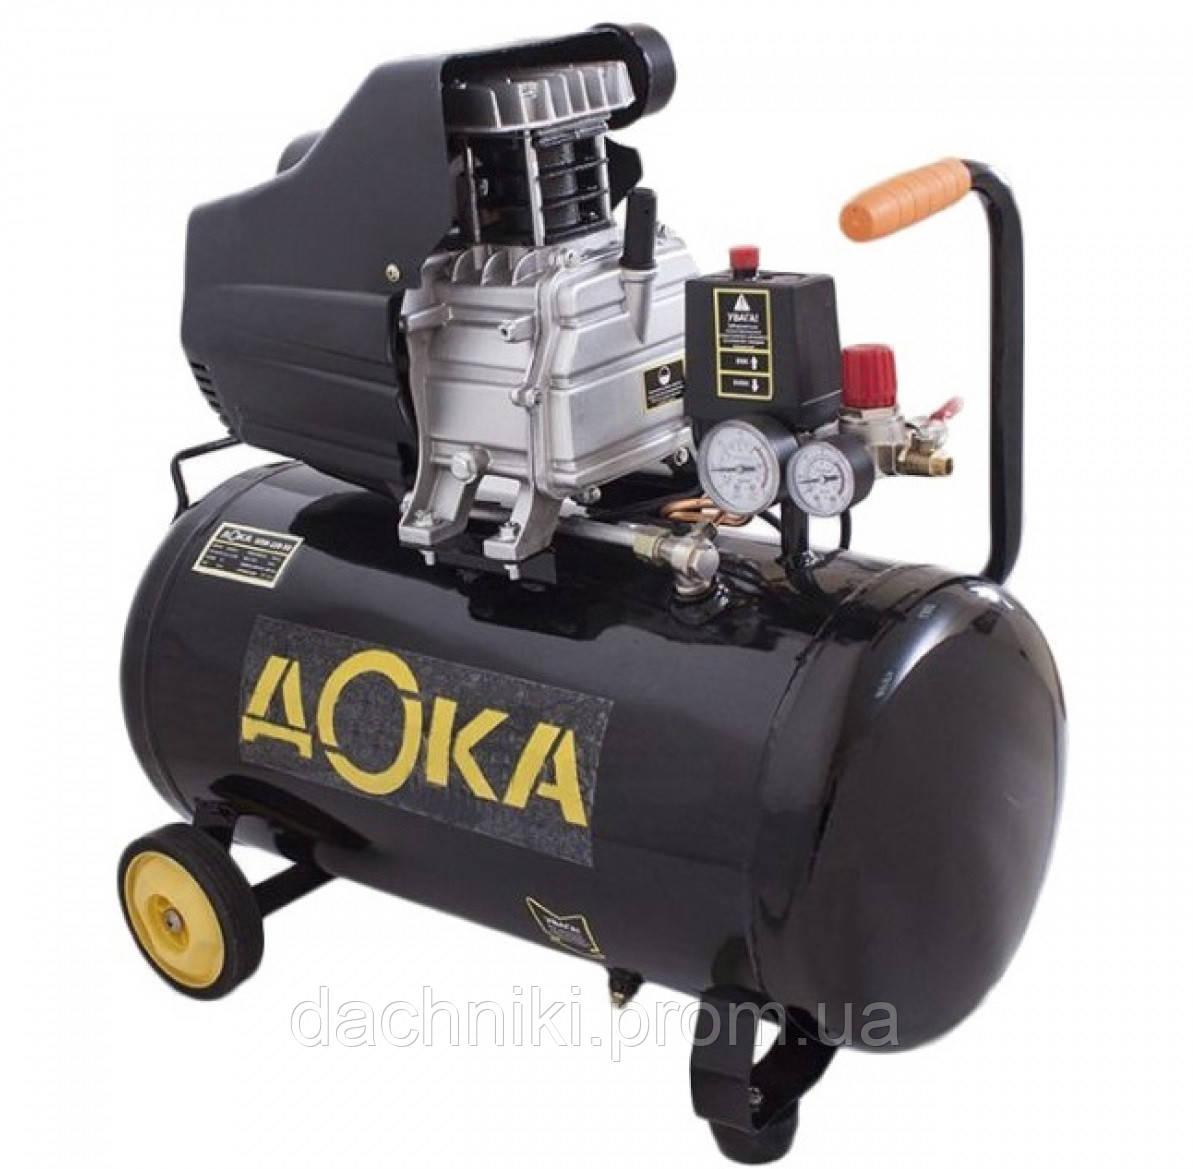 Воздушный компрессор ДОКА КПМ 200-20